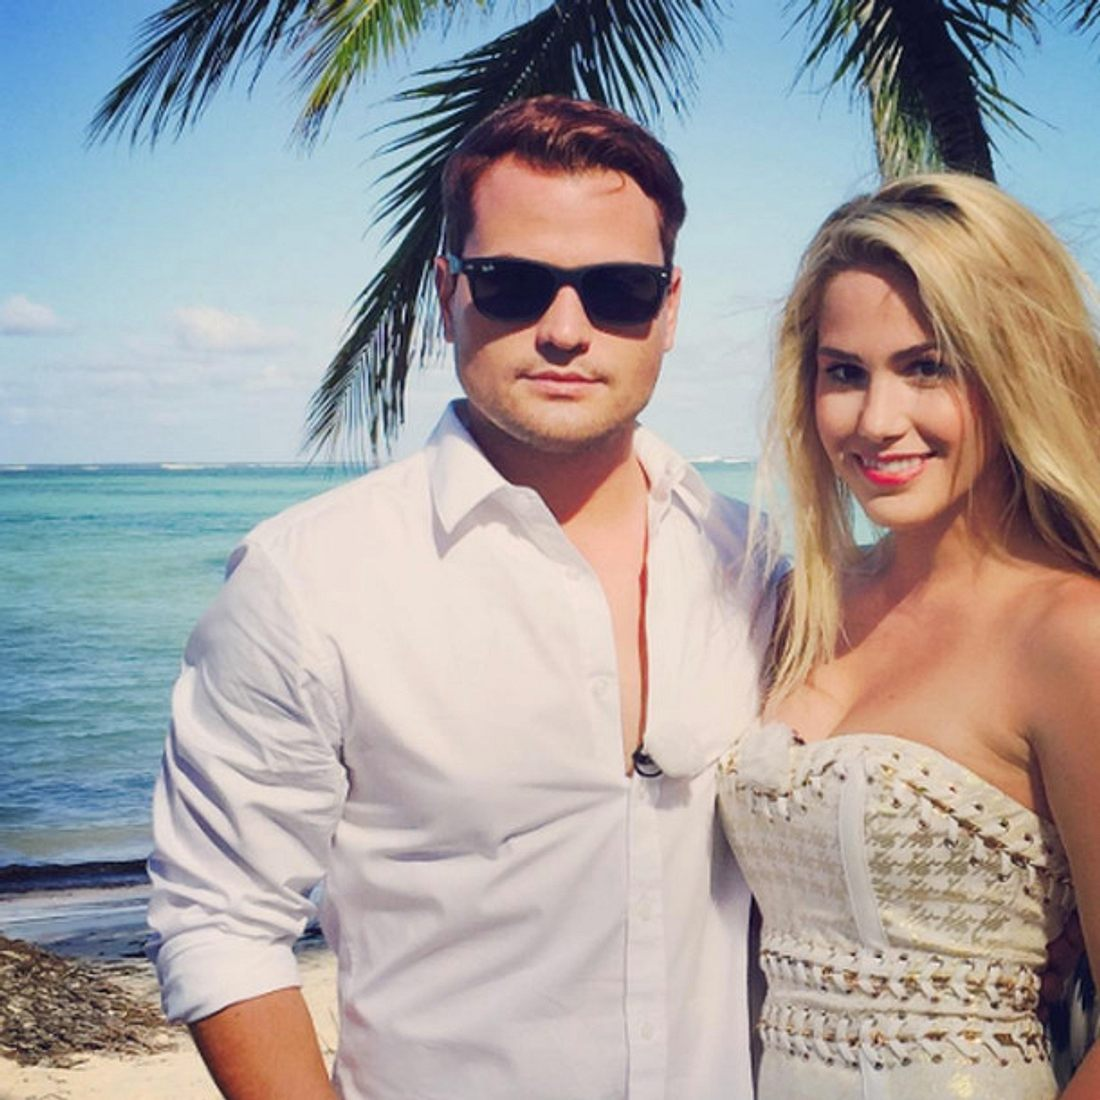 Angelina Heger und Rocco Stark zeigen gemeinsamen Urlaubsschnappschuss